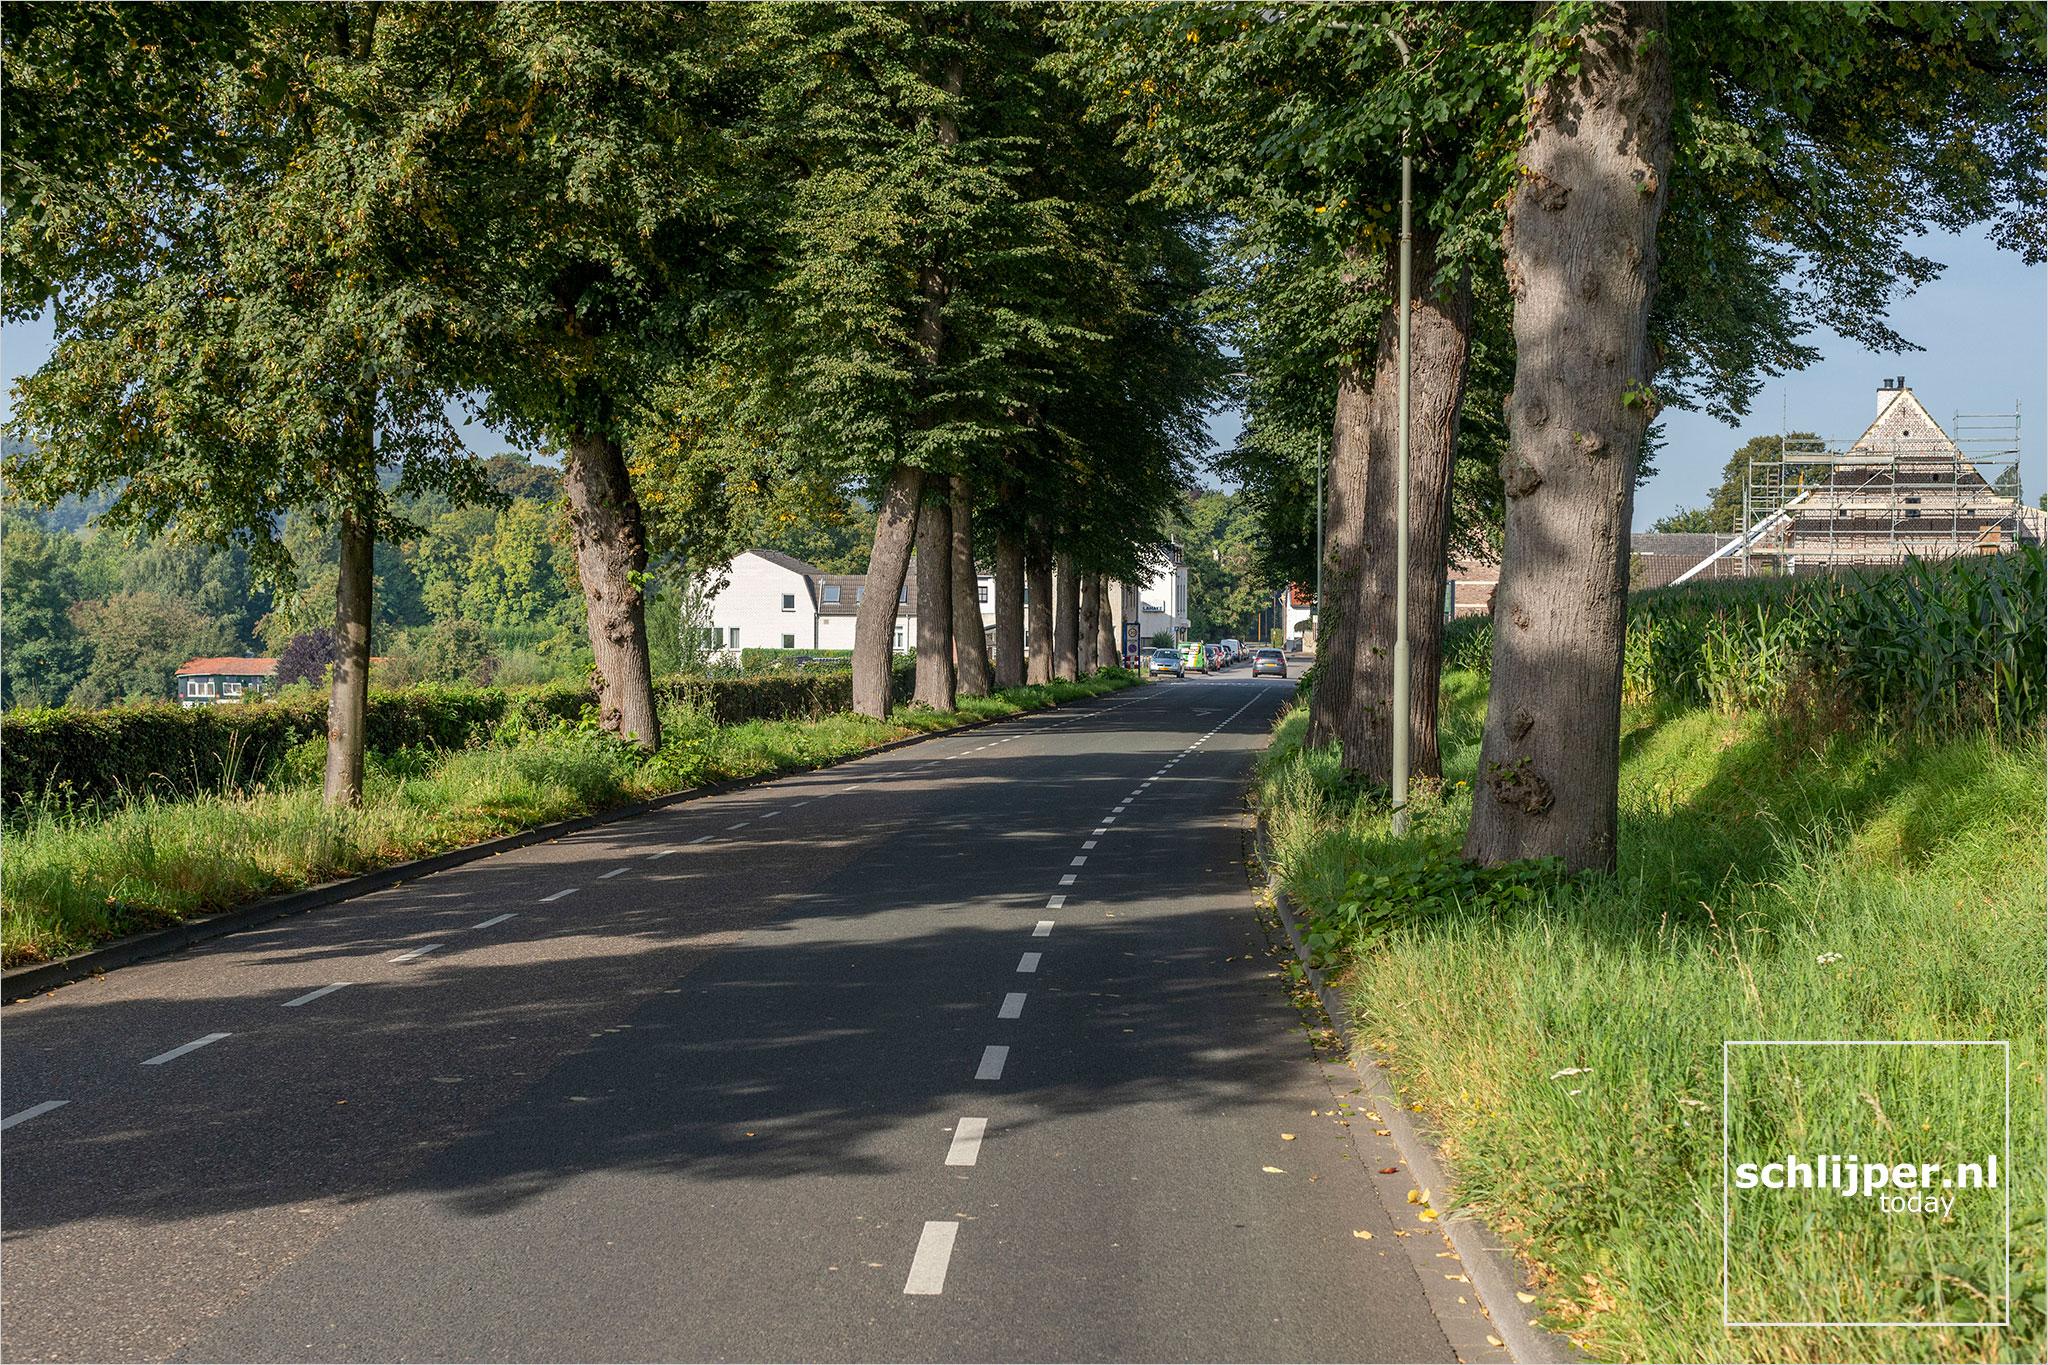 The Netherlands, Valkenburg, 7 september 2021